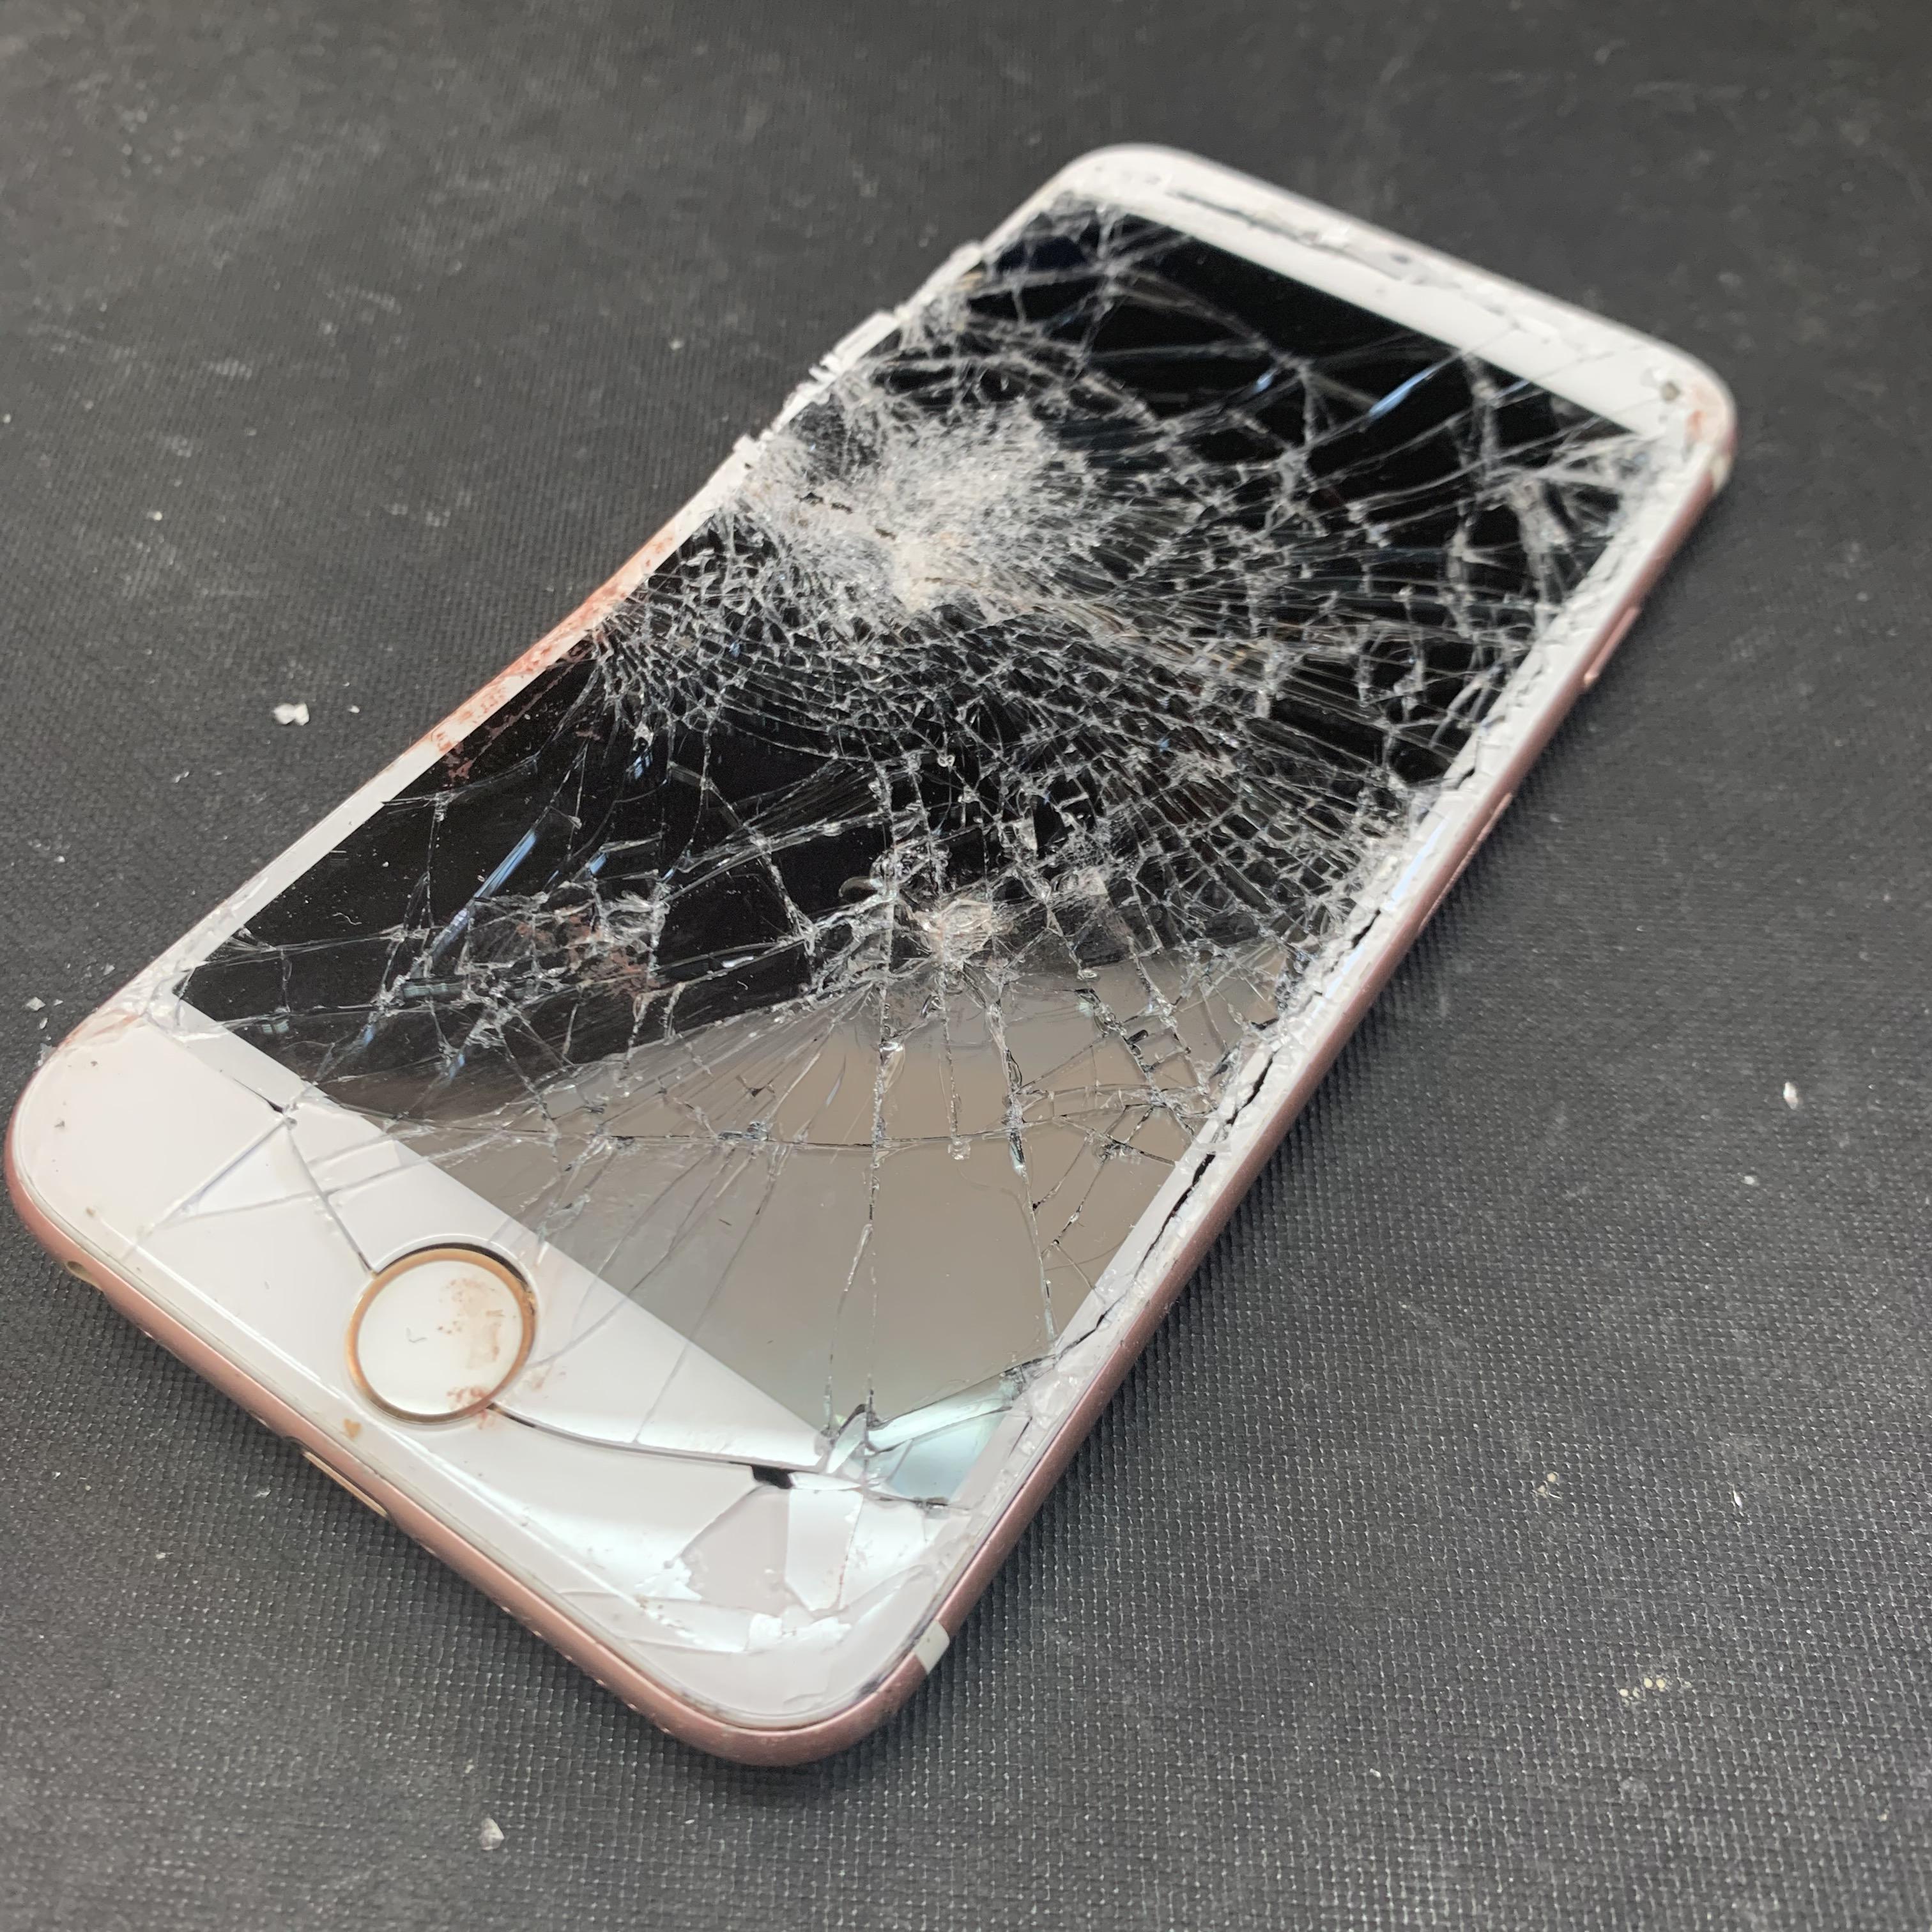 大破したiPhone6Sの画面